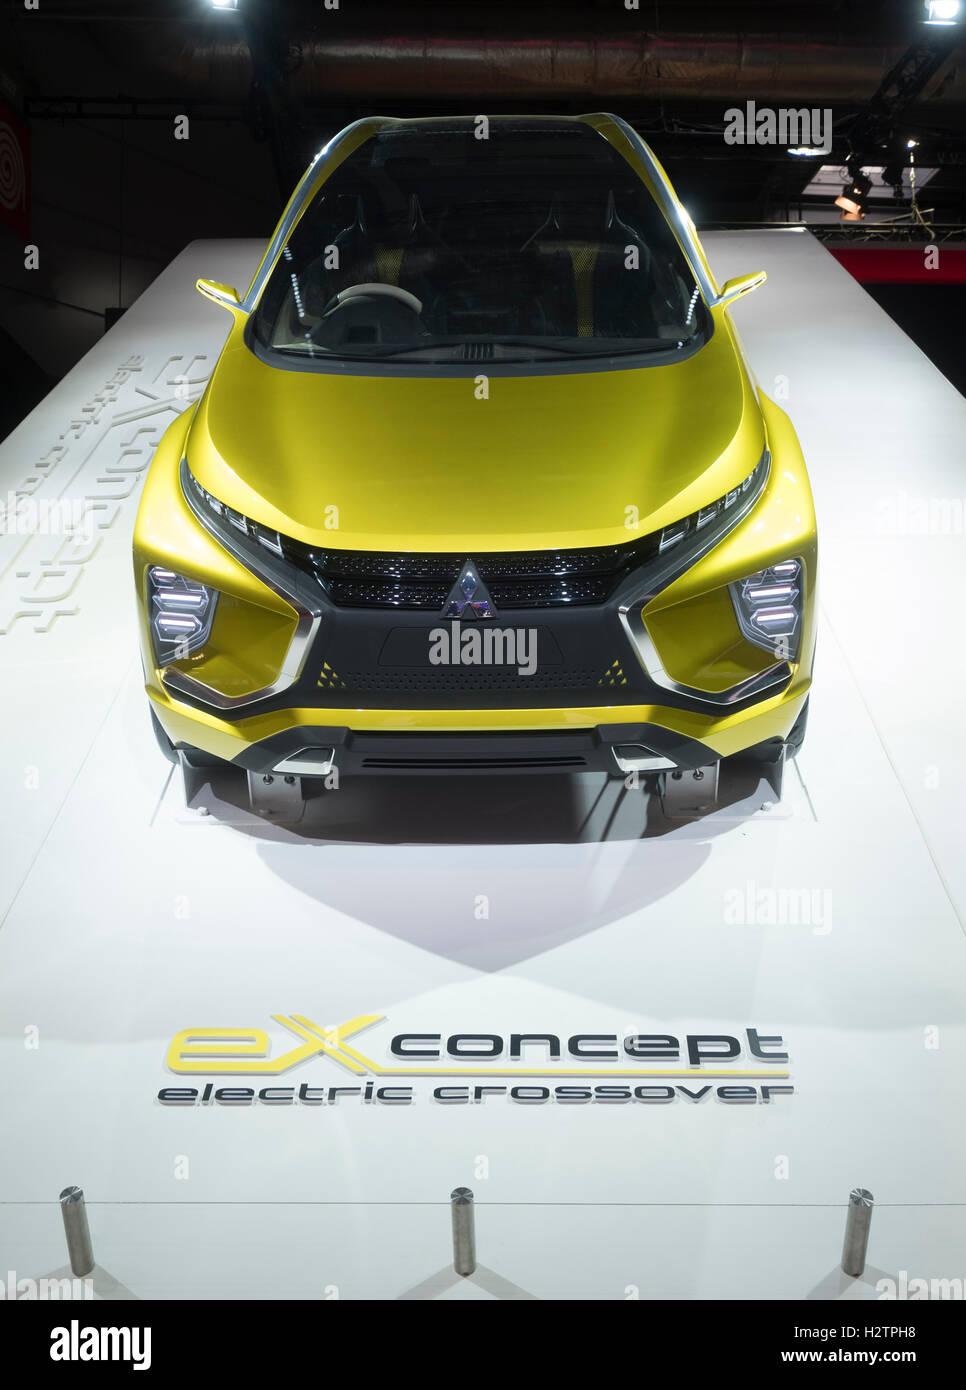 EX Mitsubishi Electric crossover concept vehículo en Paris Motor Show 2016 Imagen De Stock